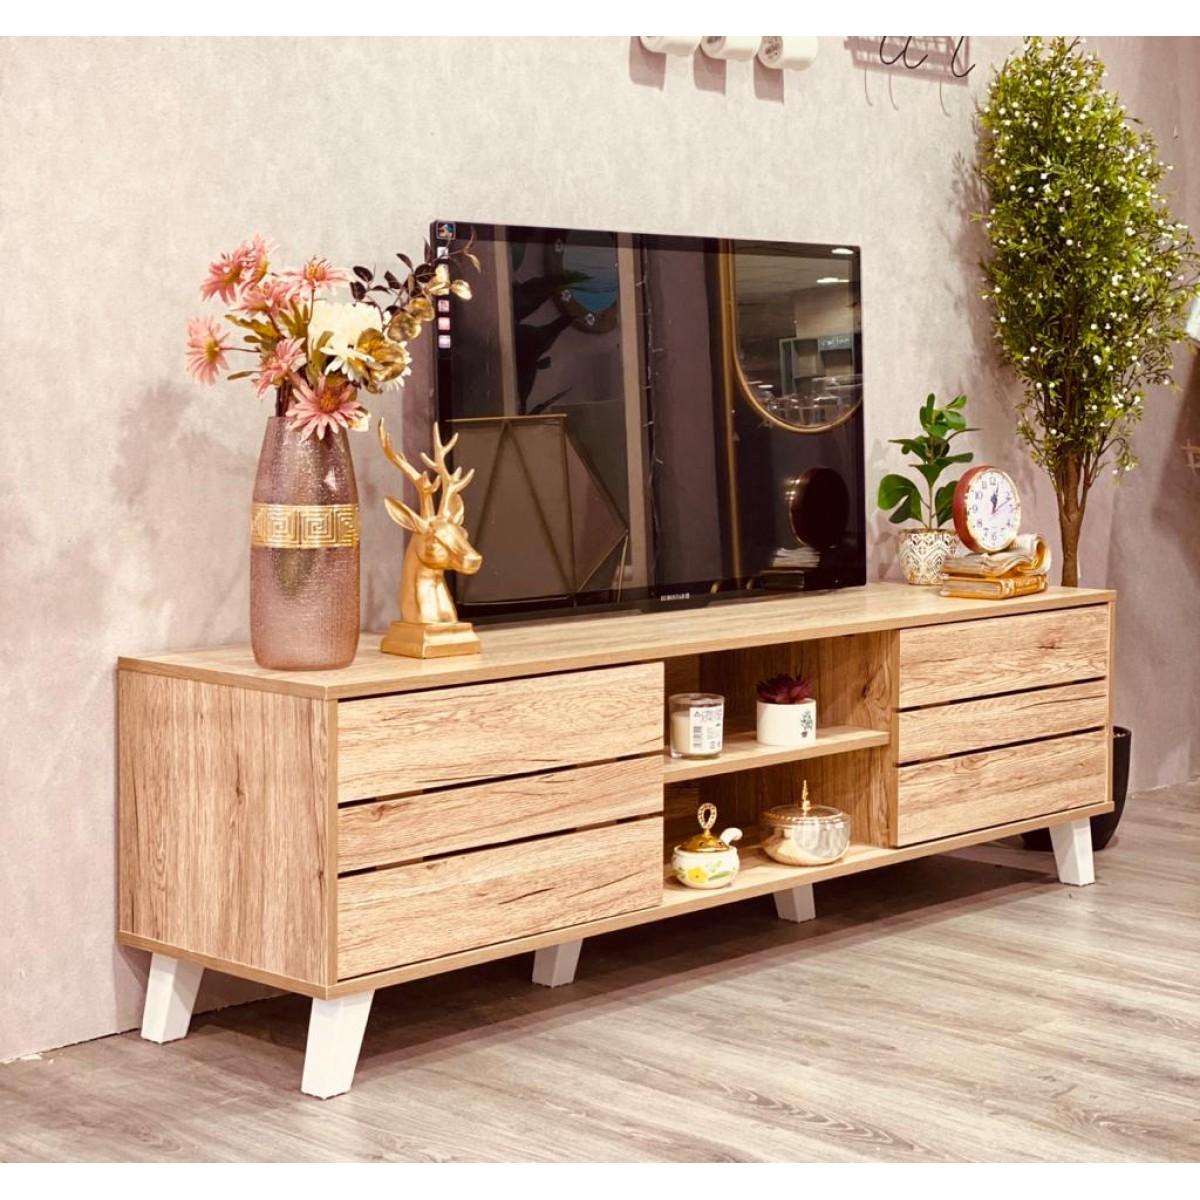 طاولة بلازما خشب مقاس 160*40*48 سم